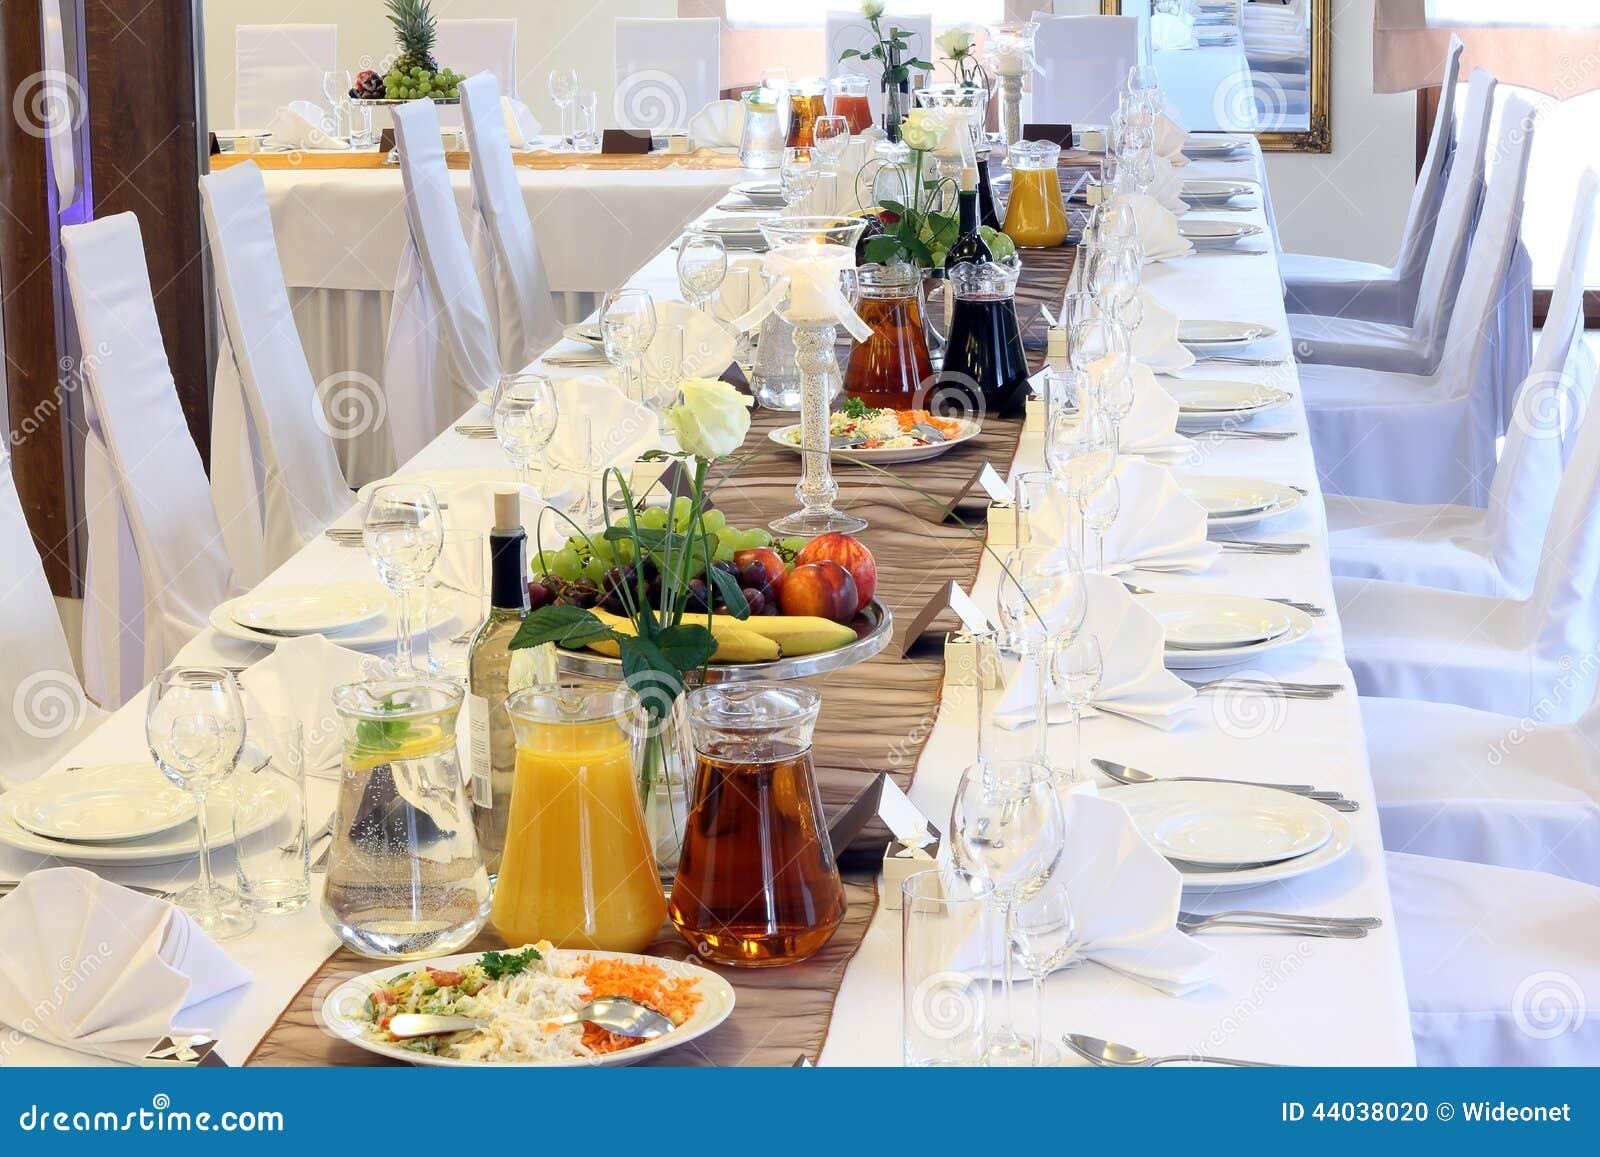 Schone Hochzeitsdekorationen Auf Dem Tisch Stockfoto Bild Von